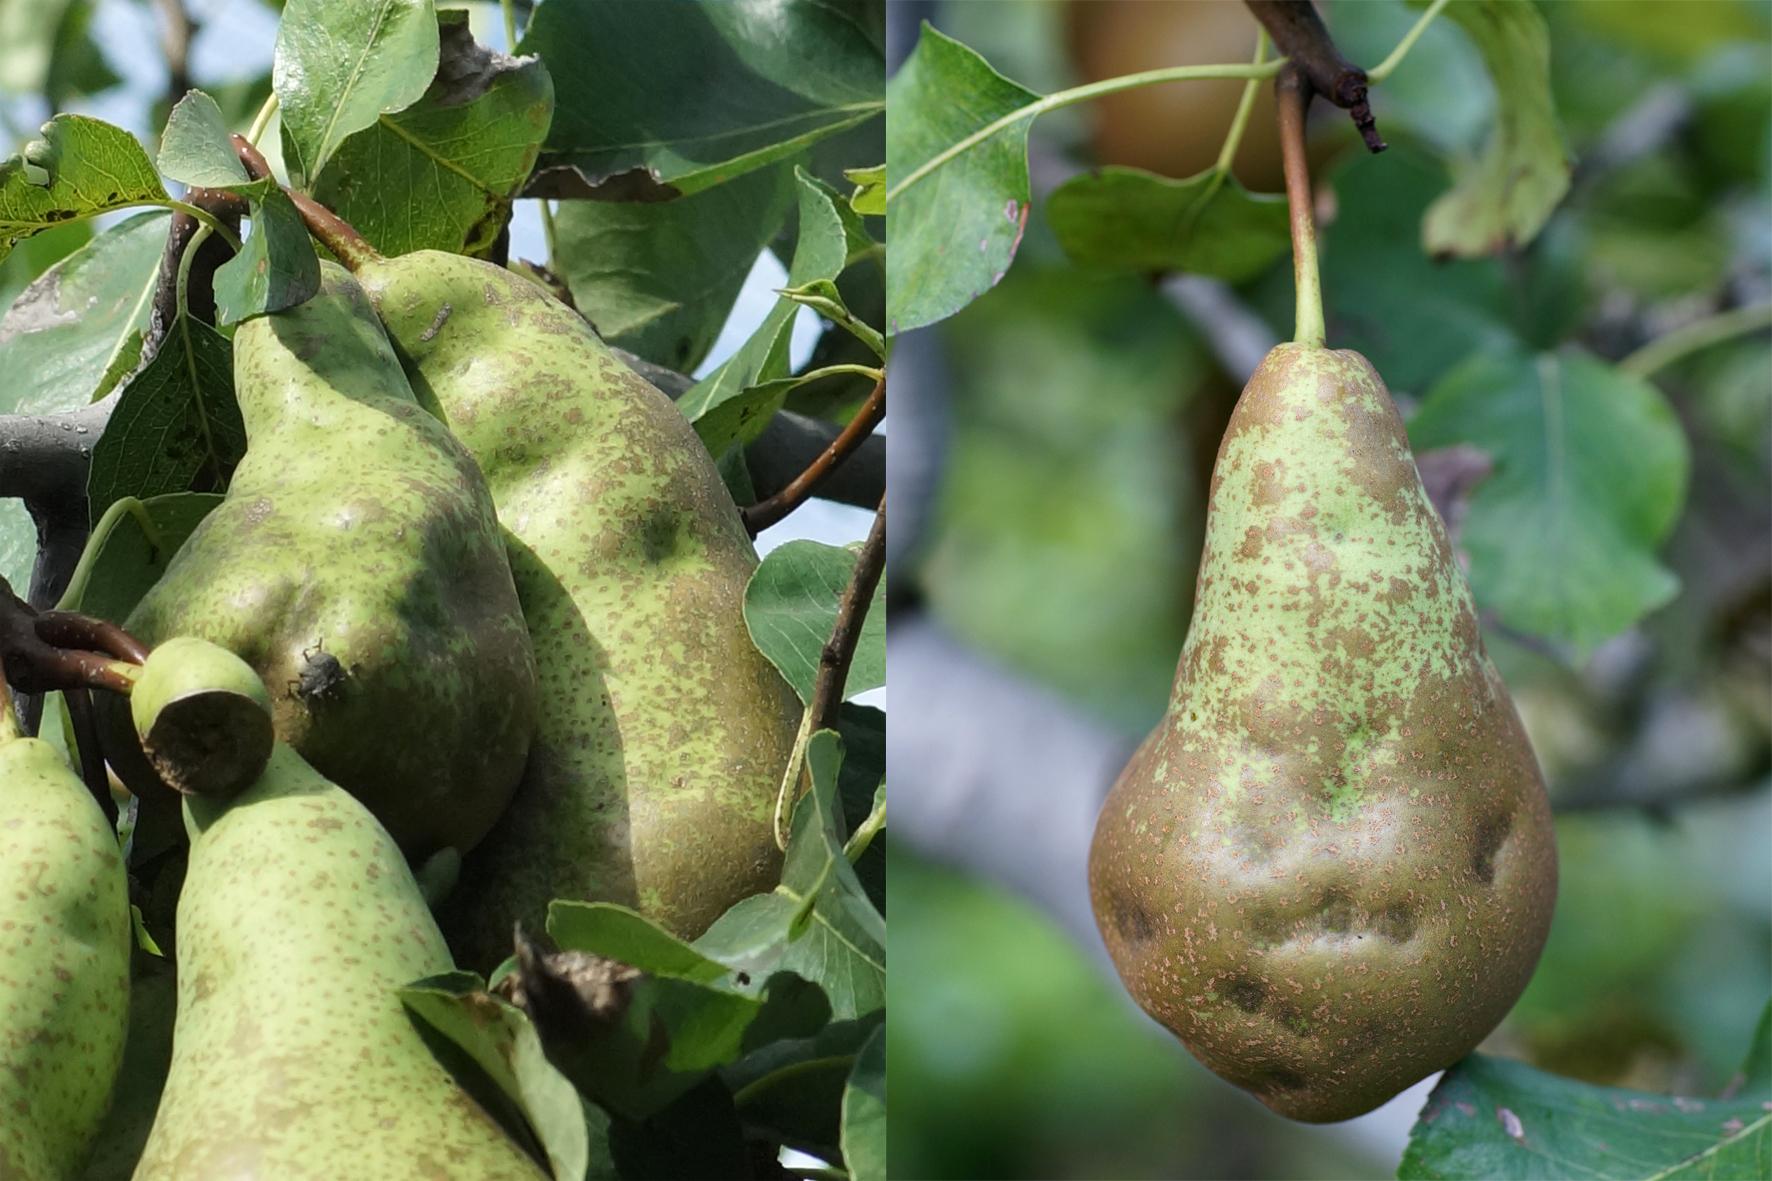 Von Marmorierten Baumwanzen  (Halyomorpha halys) befallene Birnen